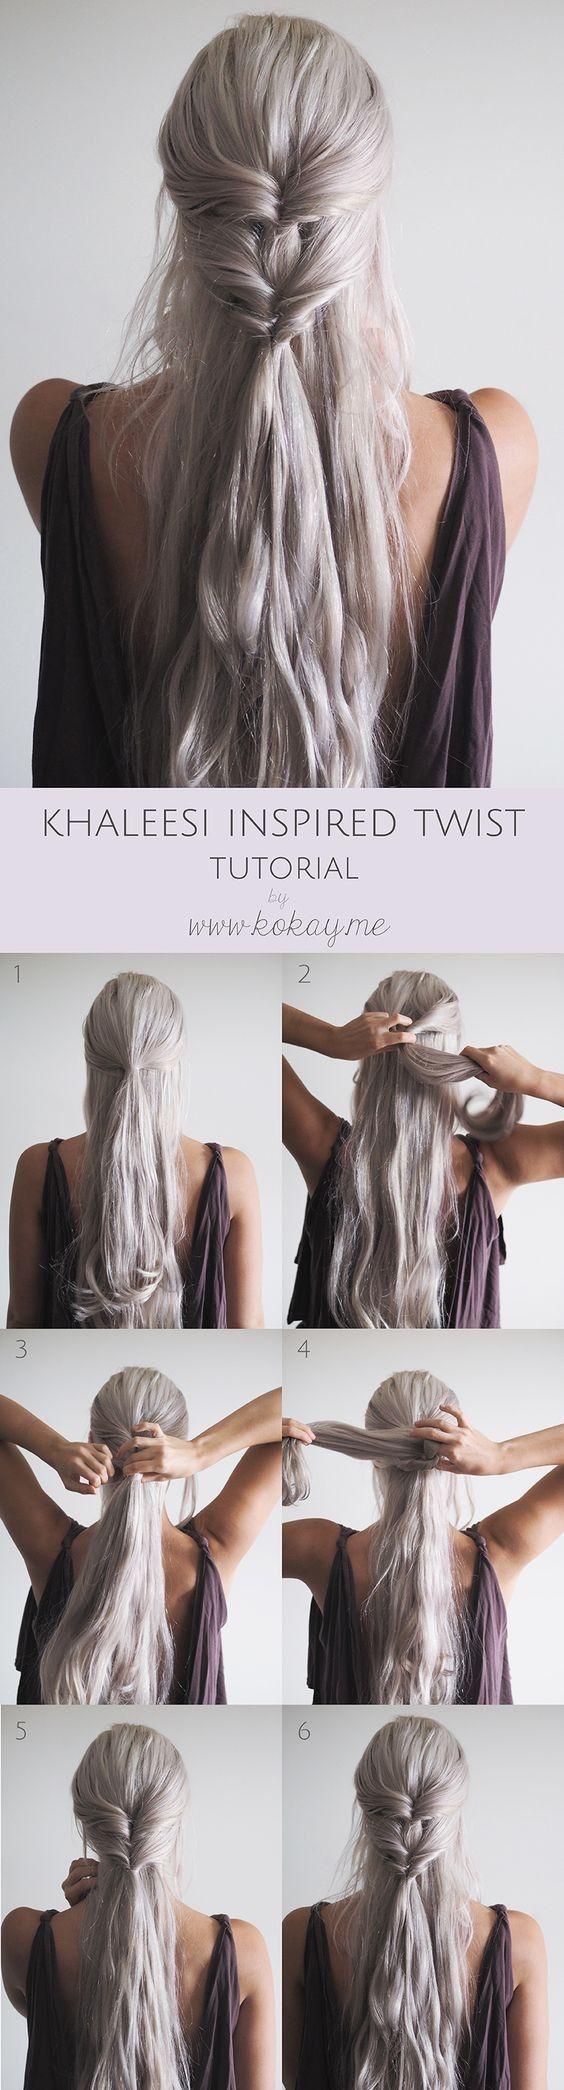 Popular on Pinterest: 'Game of Thrones' Khaleesi-Inspired Braids Source by SuperZhiDie   …